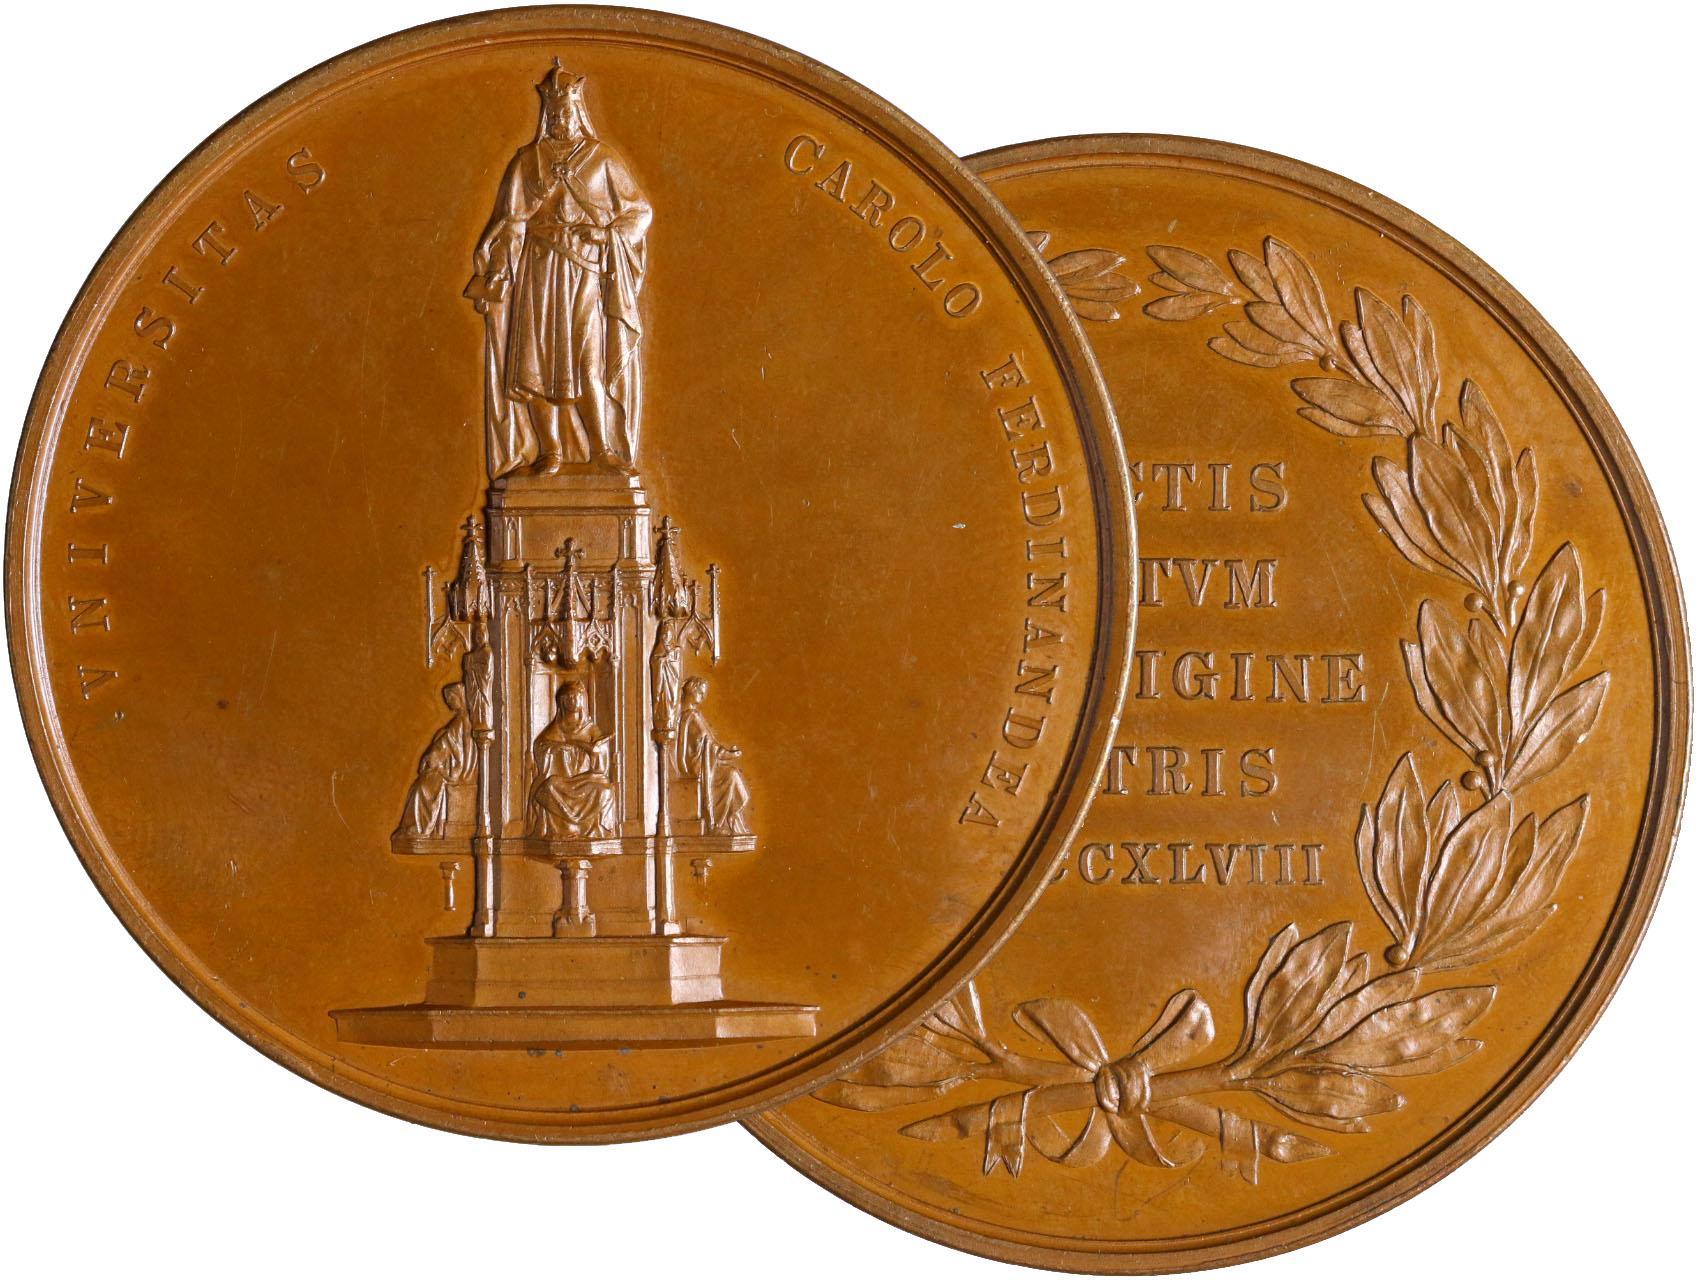 Seidan Václav 1817-1870 - AE medaile na 500. let od založení Karlo-Ferdinandovy univerzity 1848. Novogotický pomník Karla IV., opis / vavřínový věnec kolem latinského textu. Bronz, průměr 52 mm.